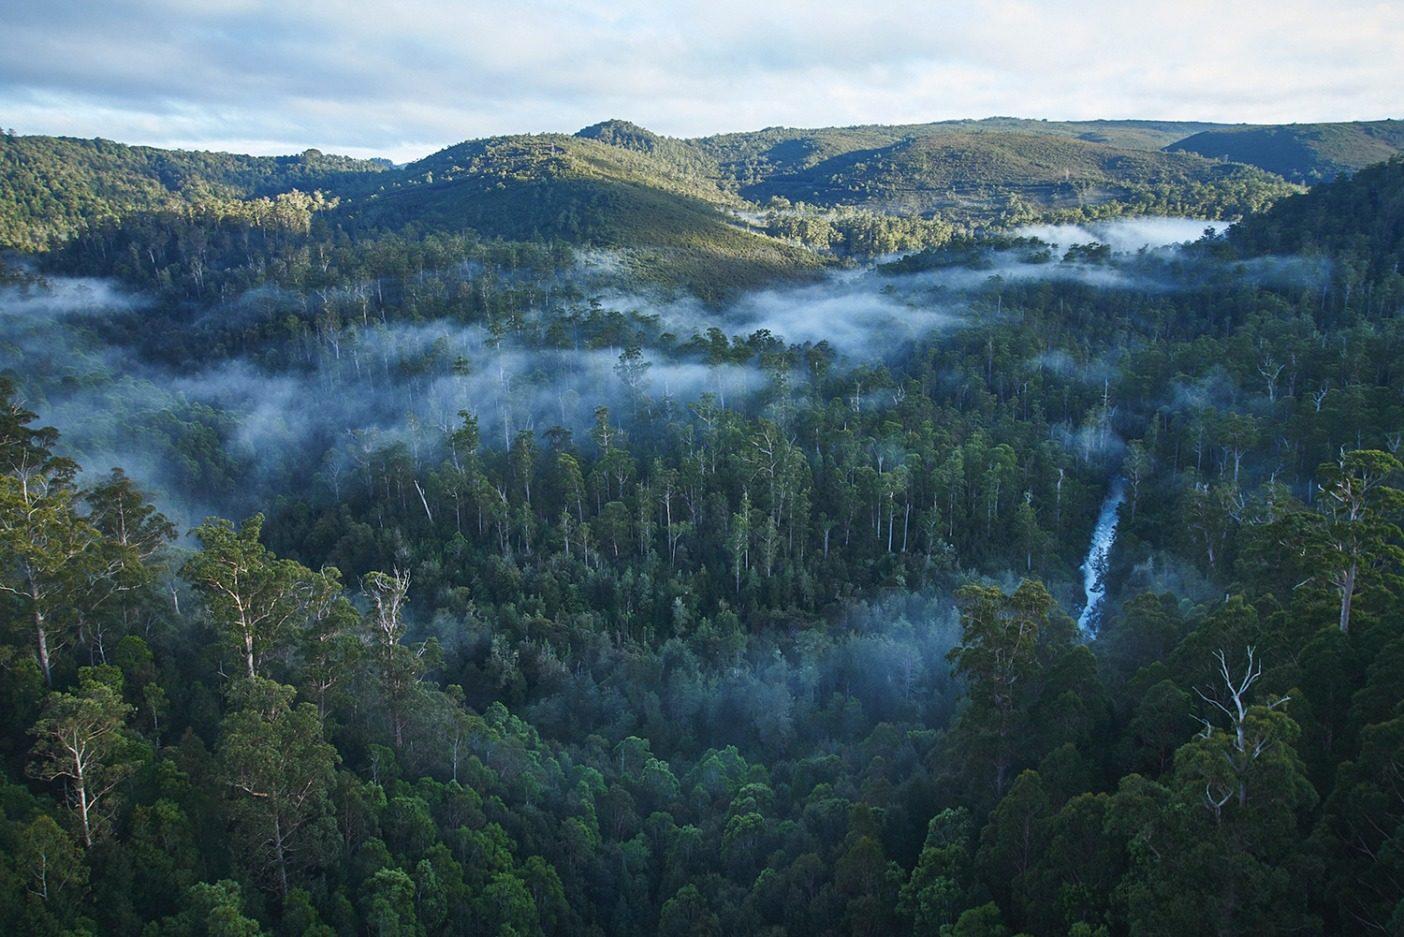 タカイナ/ターカイン地域は世界でも最も手付かずのゴンドワナ多雨林のある場所であり、南半球でアボリジニの考古遺産が最も密集している地域のひとつだ。Photo: Mikey Schaefer